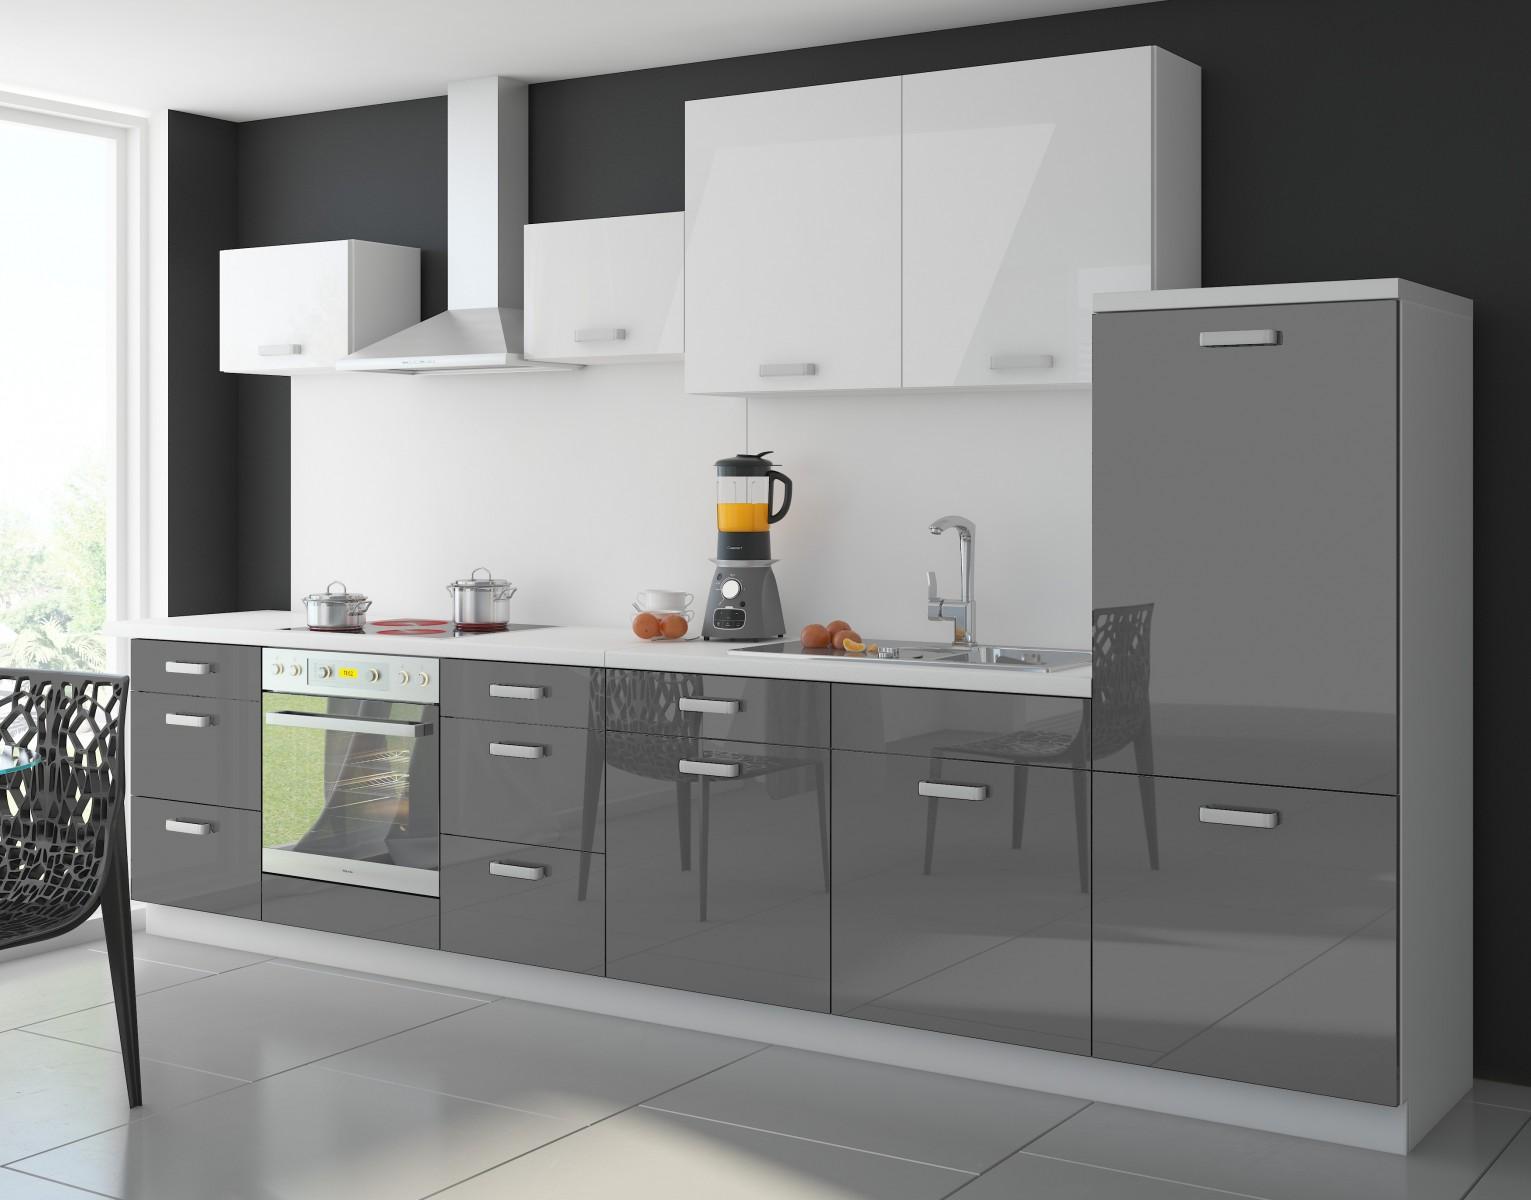 Full Size of Gebrauchte Einbauküche Günstig Kaufen Einbauküche Günstig Gebraucht Kleine Einbauküche Günstig Einbauküche Günstig Mit Elektrogeräten Küche Einbauküche Günstig